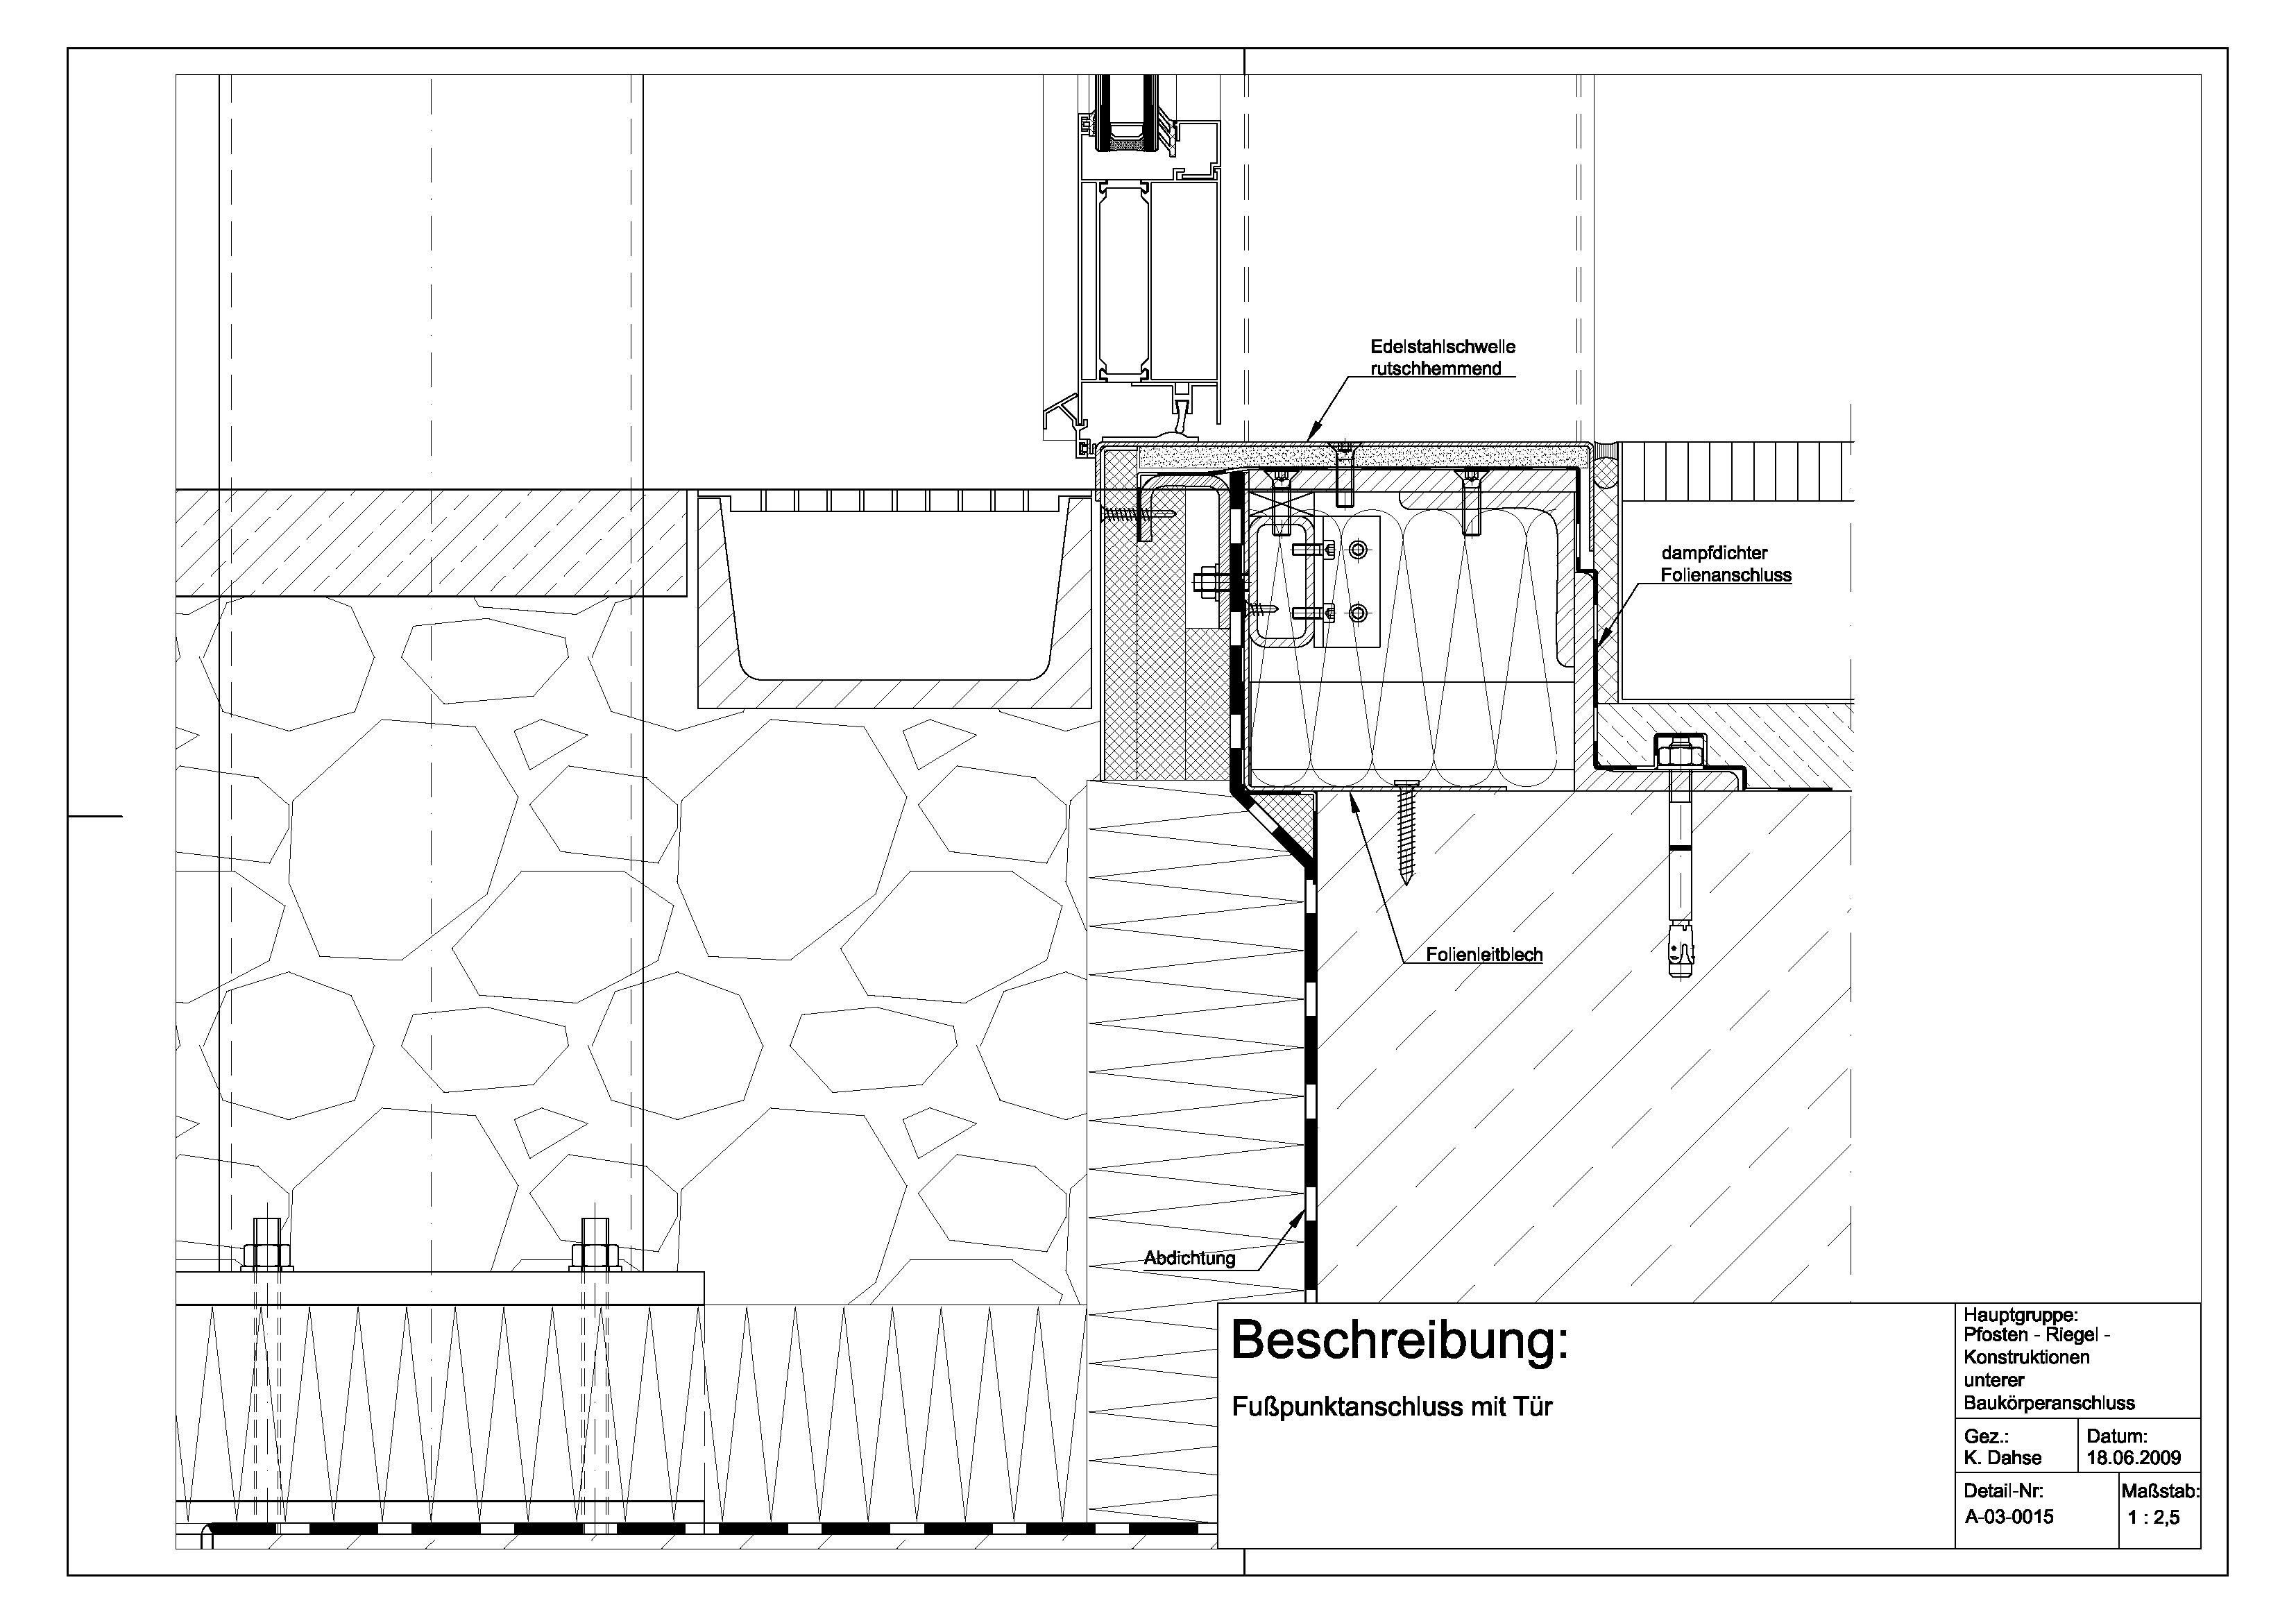 Eingangstür detail schnitt  A-03-0015 Türfußpunktanschluss | Details | Pinterest | Pfosten ...